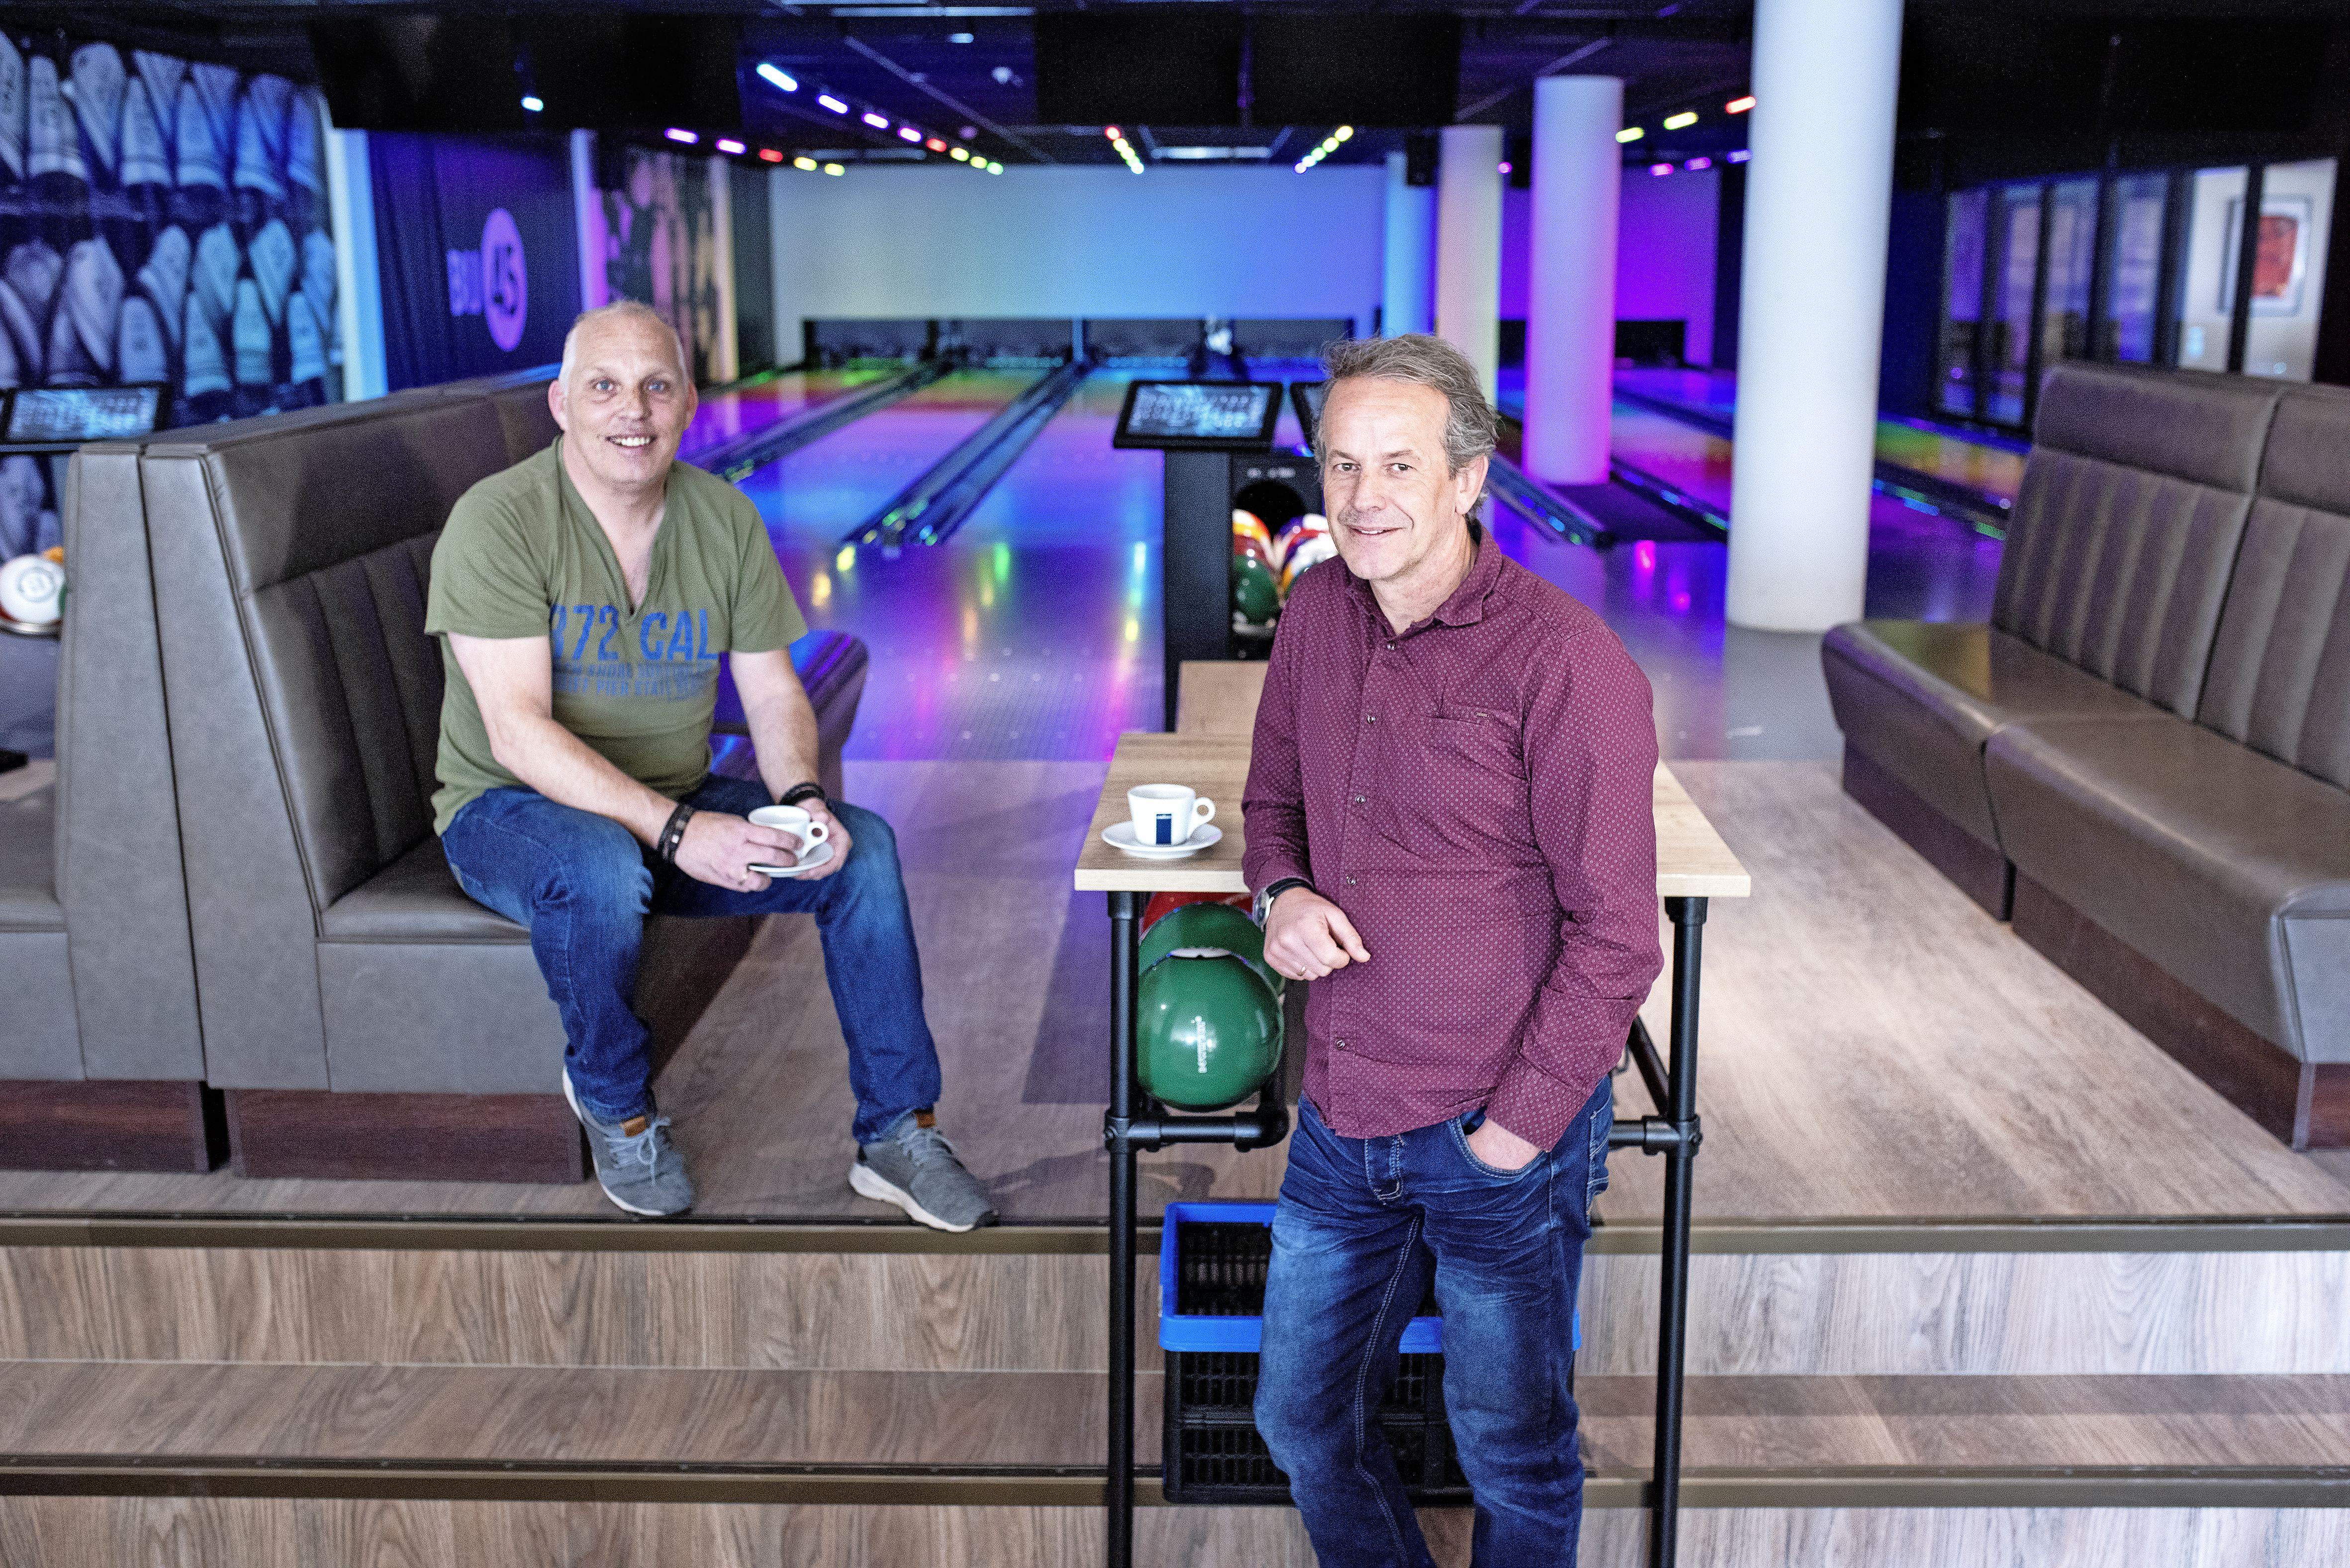 Bowlingcentrum Bij45 in Beverwijk bestaat bijna een jaar, maar is door corona vooral gesloten. 'Wij rusten niet eerder voordat we steun krijgen'